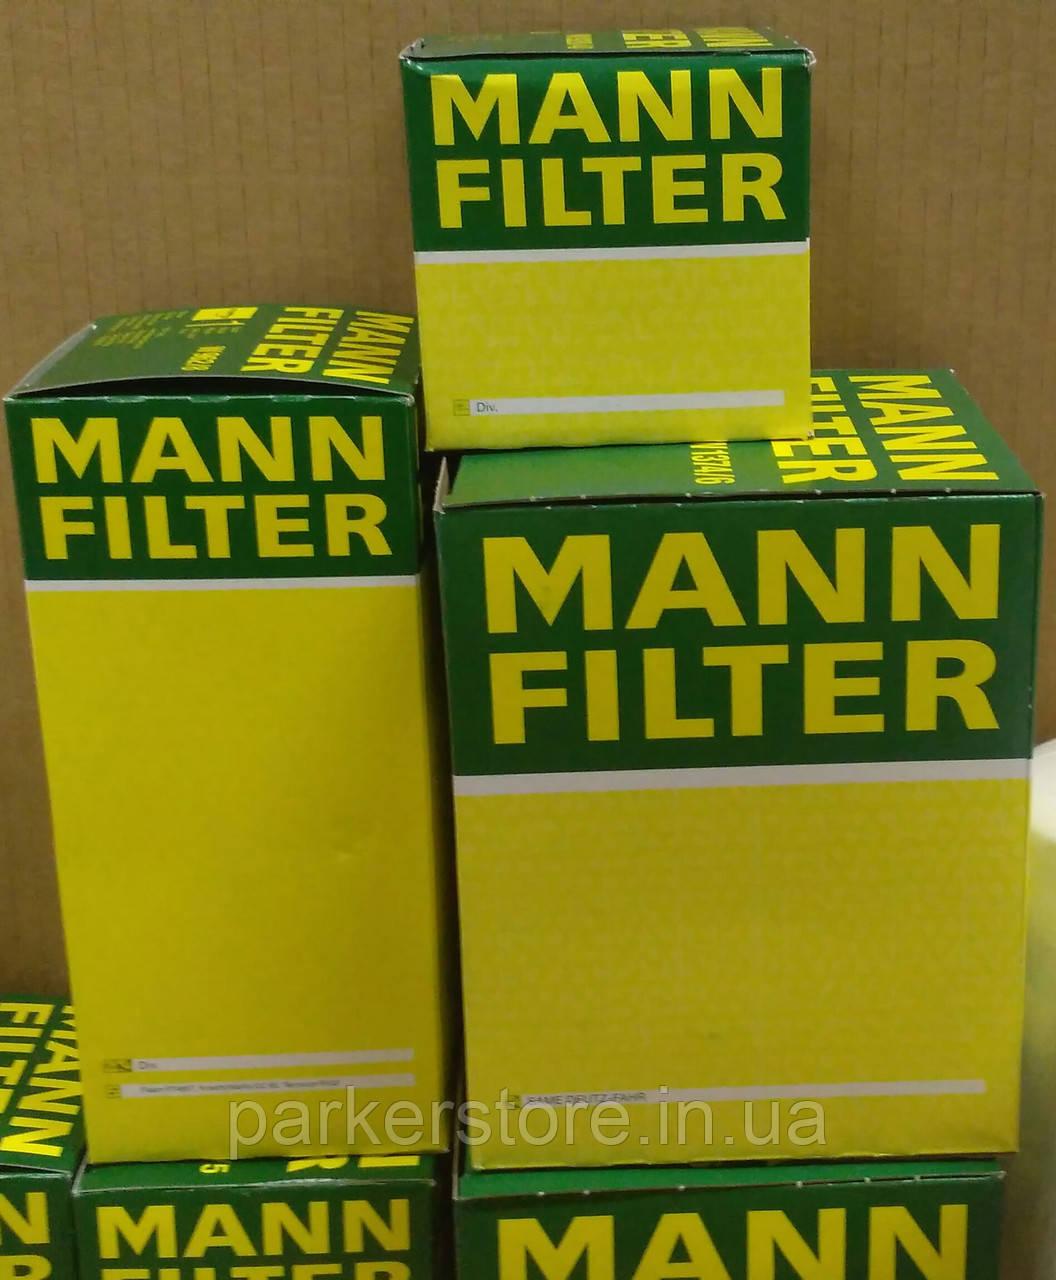 MANN FILTER / Повітряний фільтр / C 25 128 / C25128